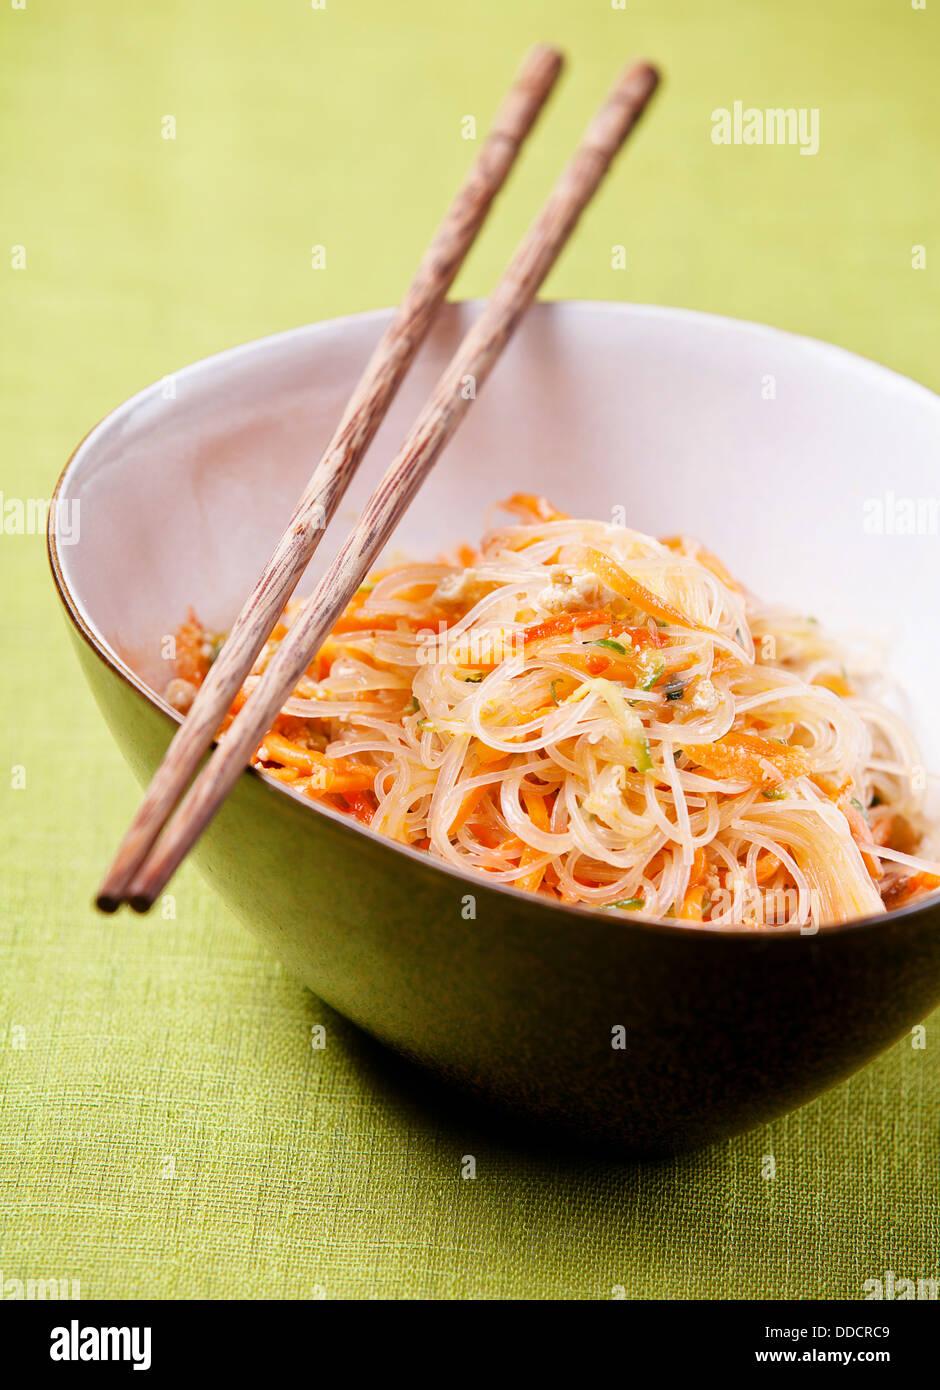 Salade asiatique avec des nouilles cellophane et légumes Photo Stock